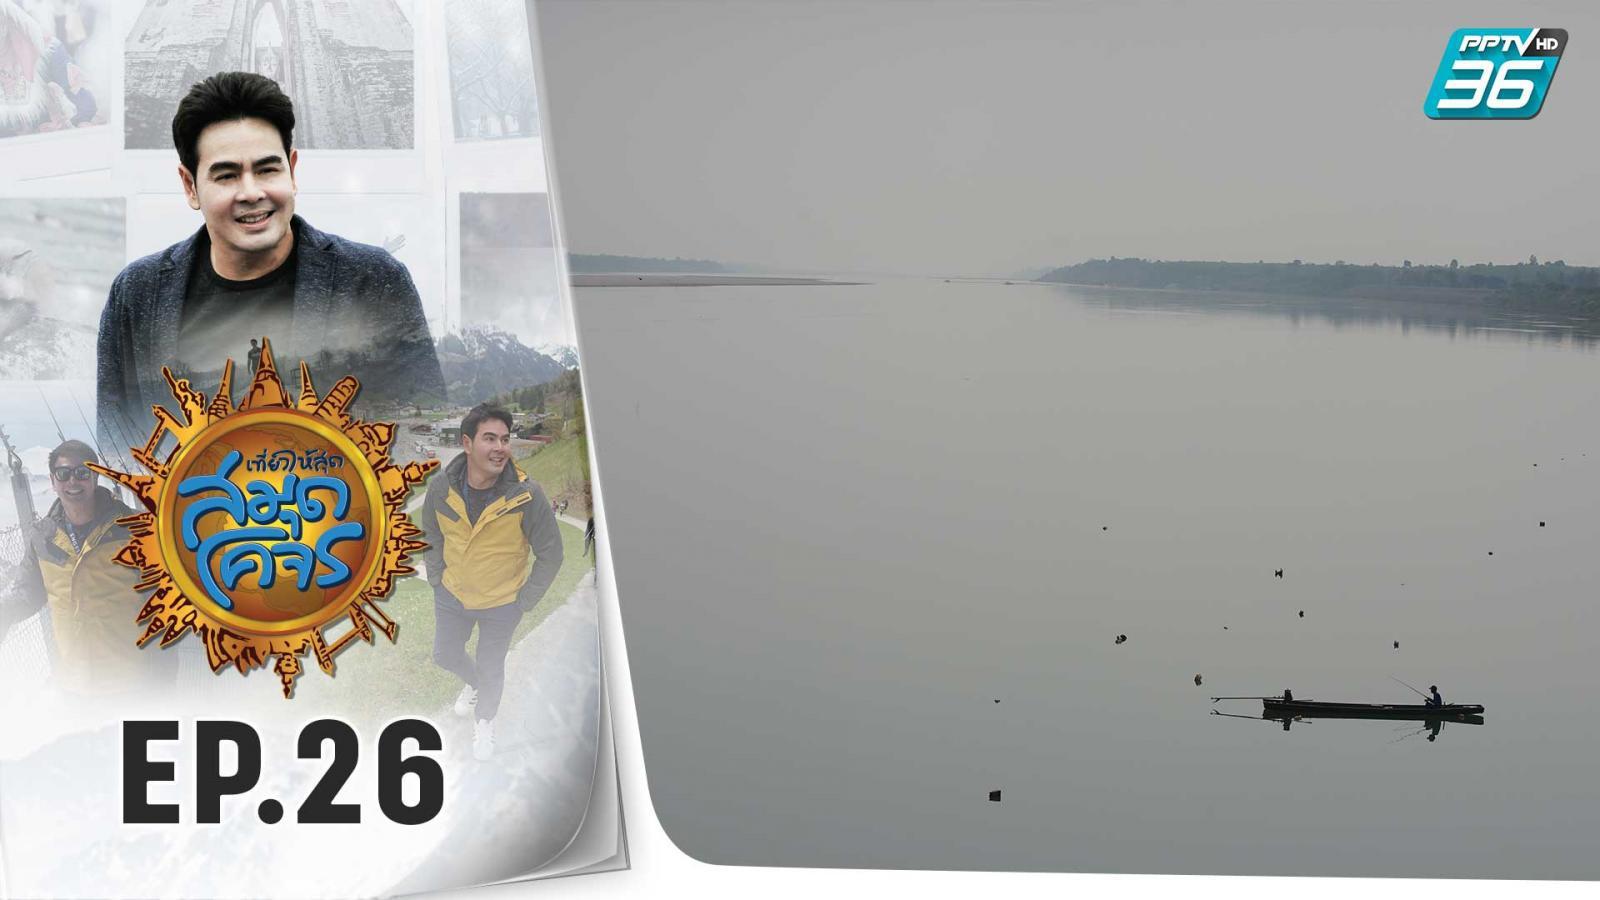 เที่ยวให้สุด สมุดโคจร | นครพนม (ม่วนซื่นริมแม่น้ำโขง) EP.26 | 1 เม.ย. 63